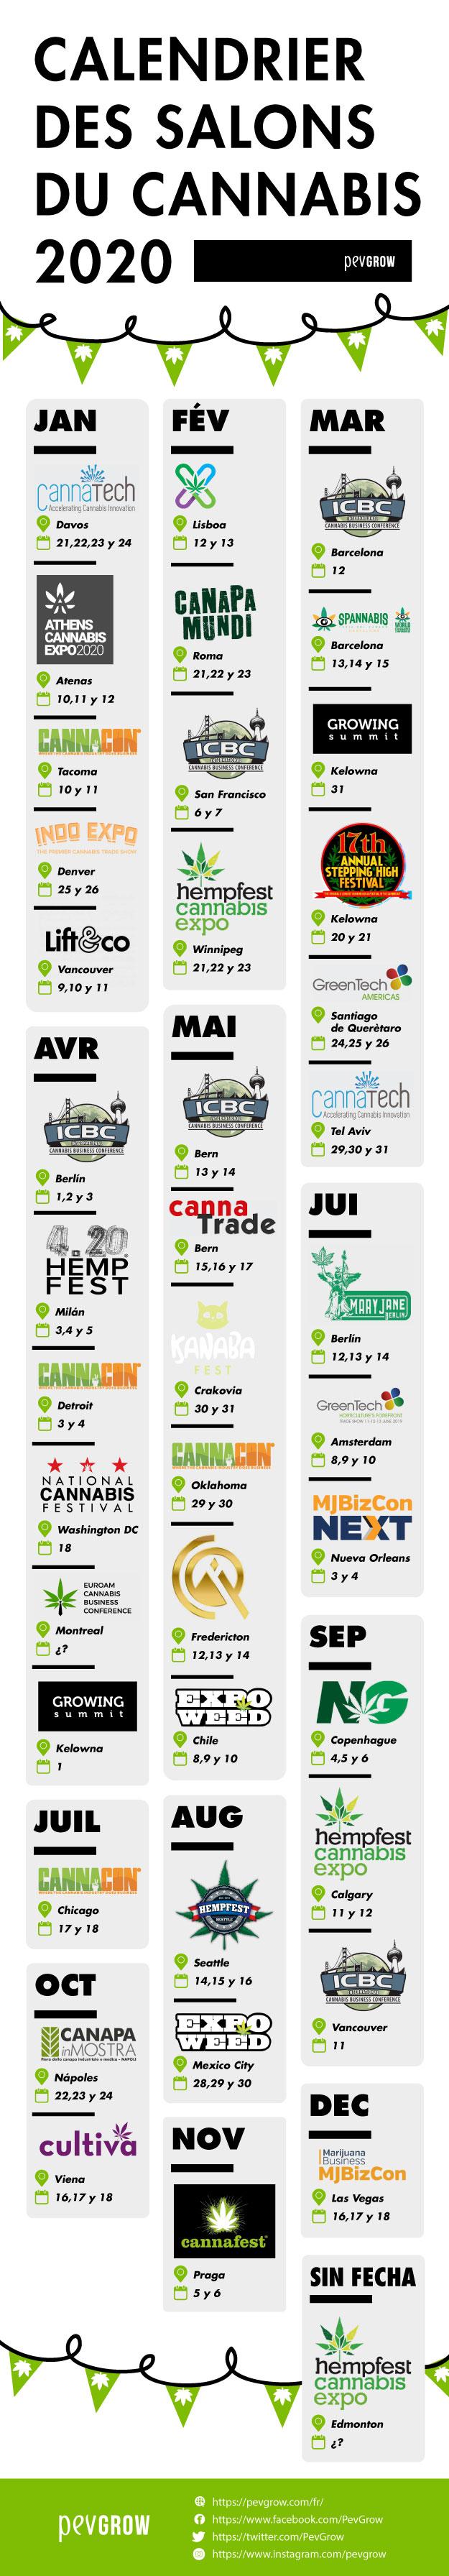 Infographie des Salons du cannabis